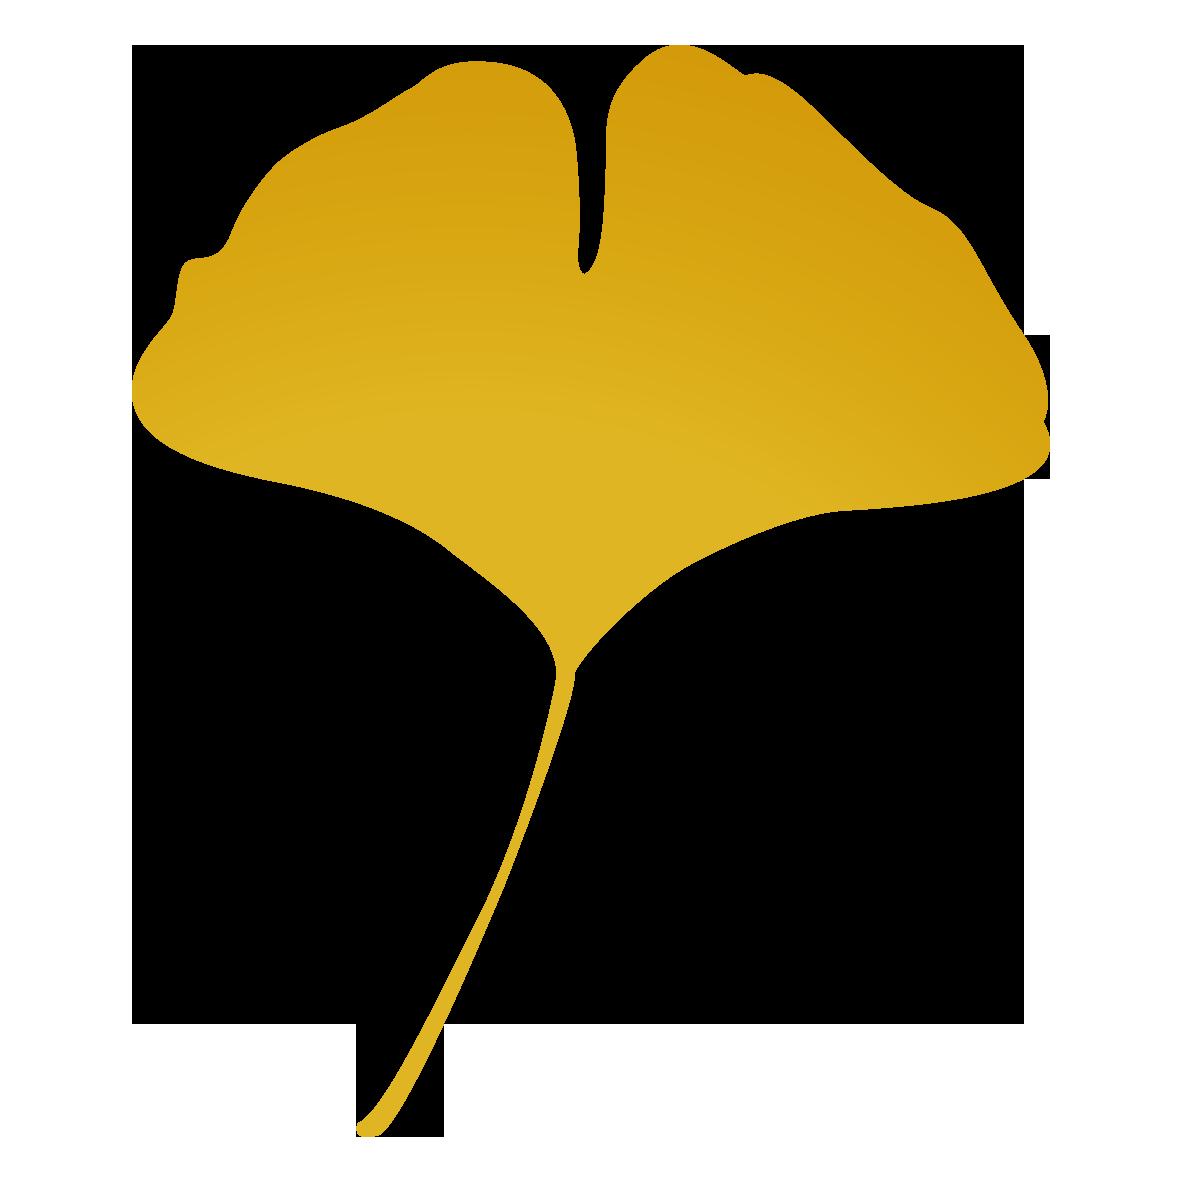 イチョウの葉2 無料イラスト愛